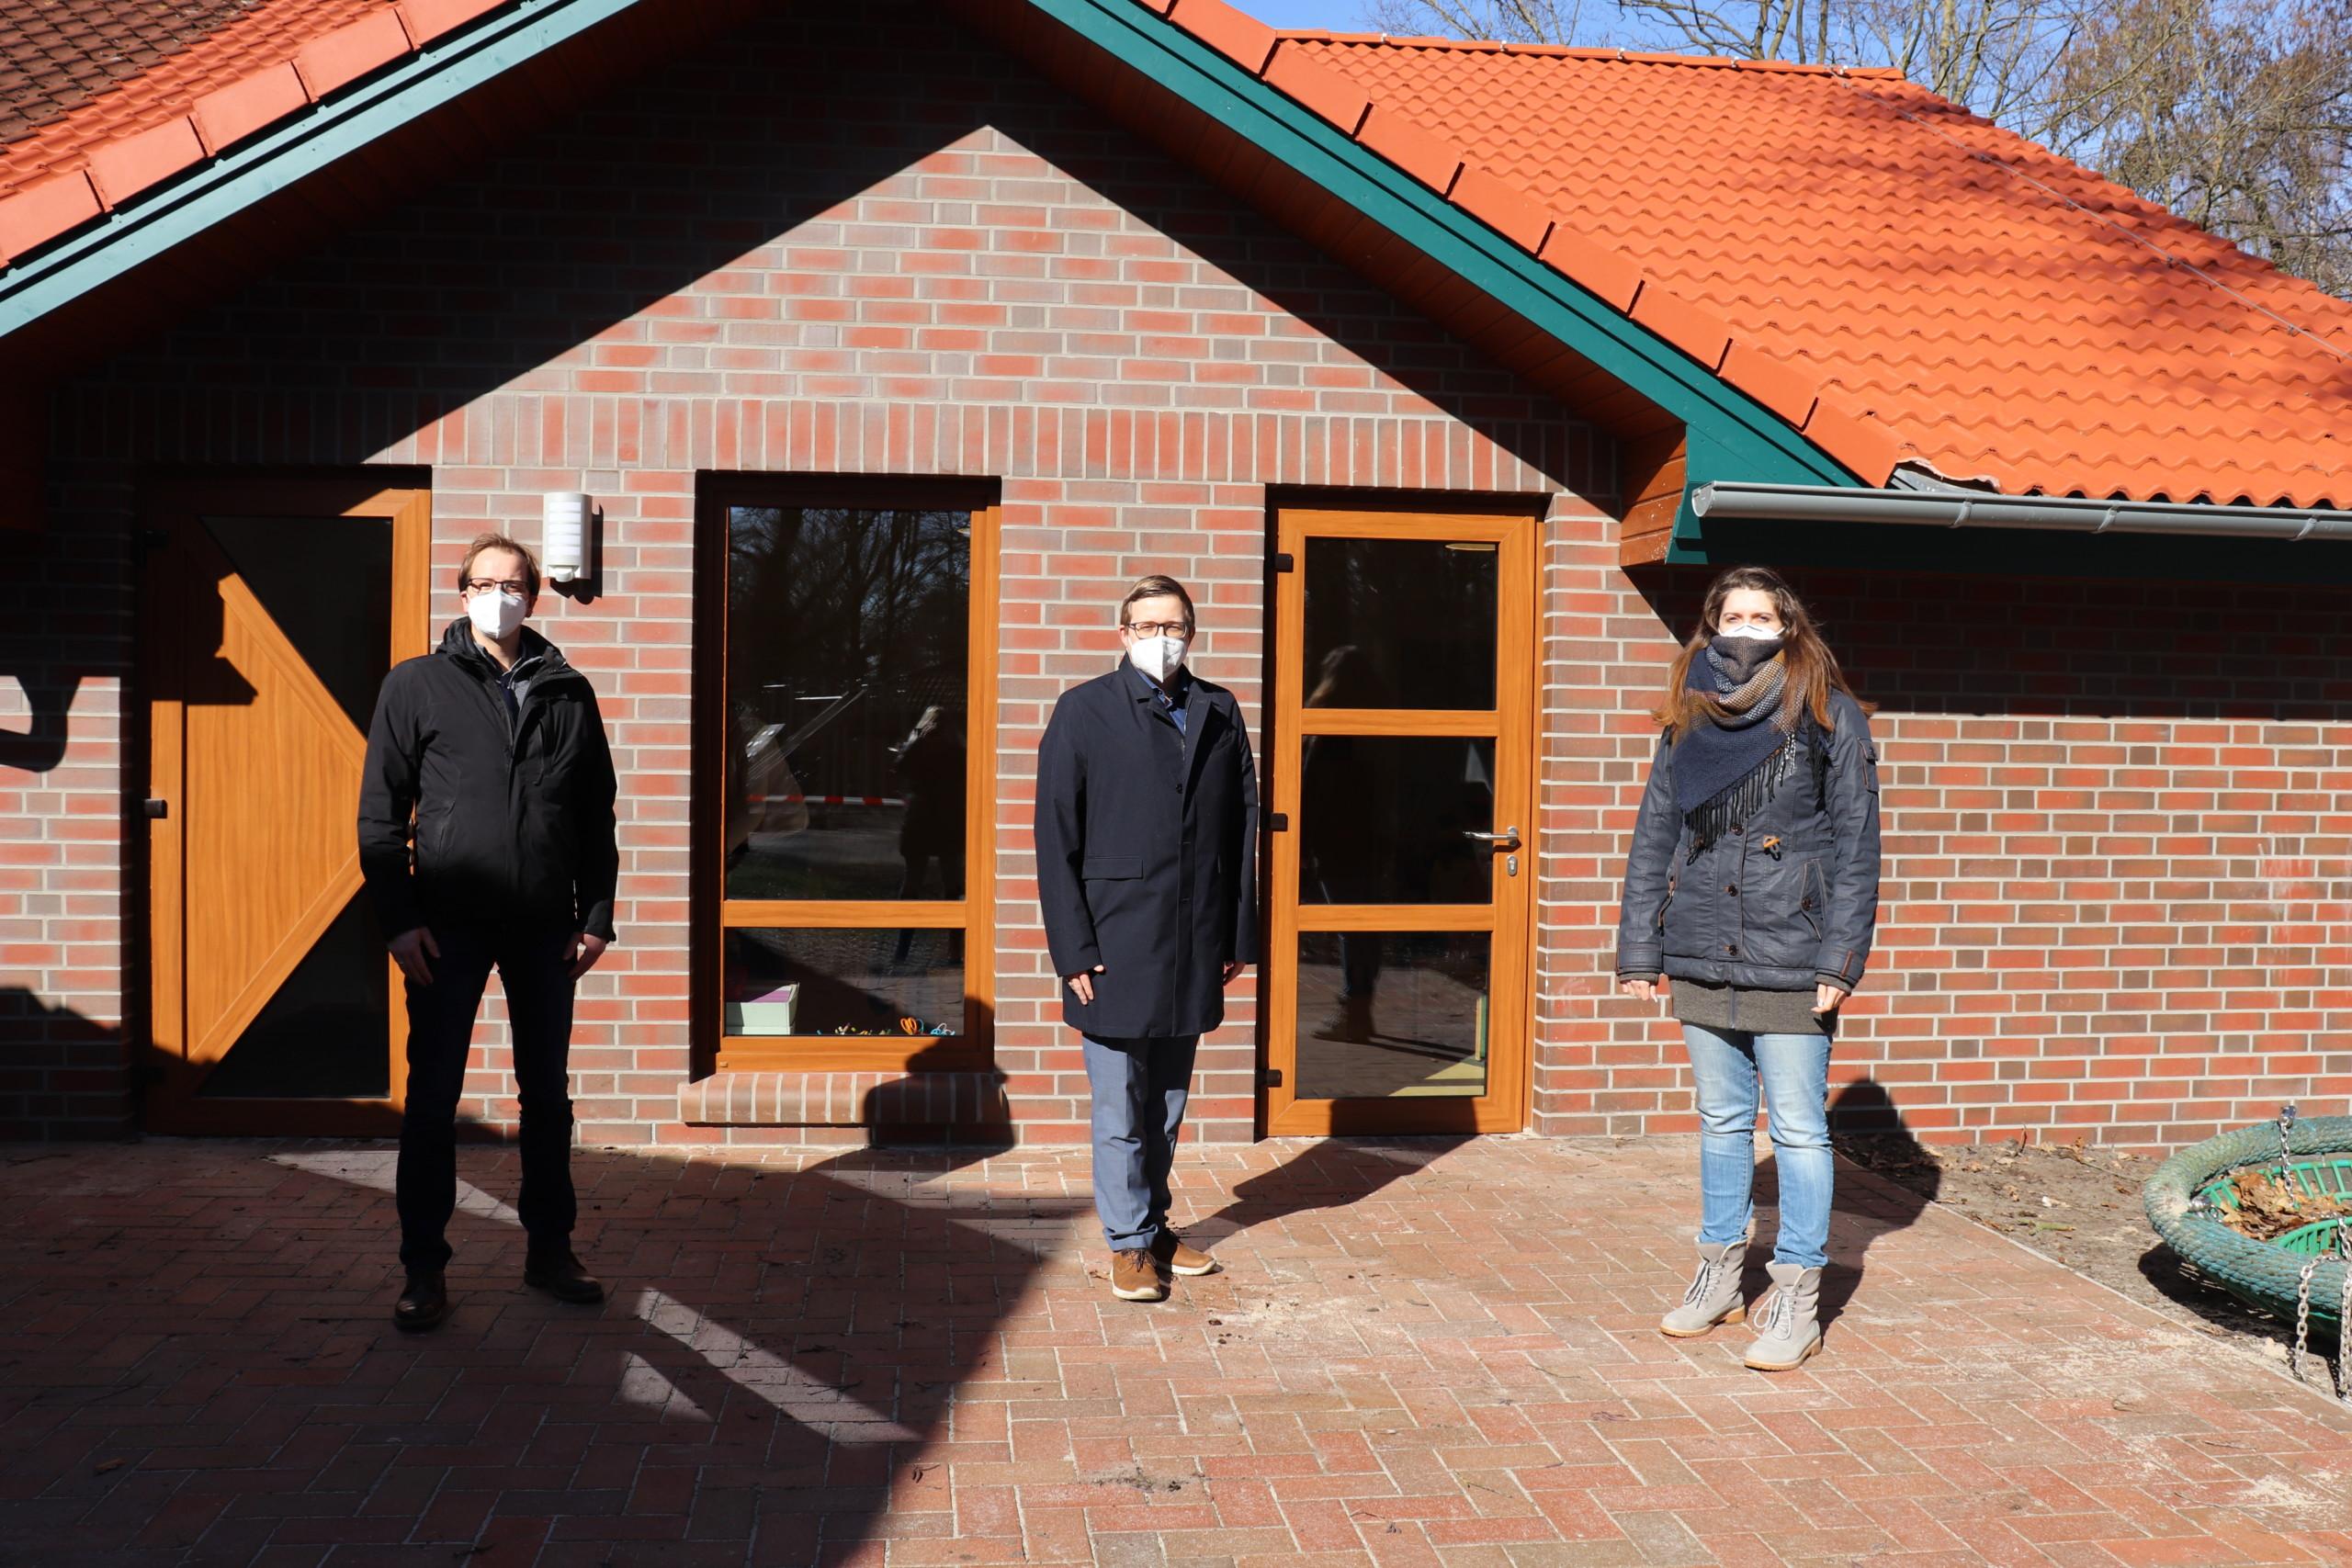 Bürgermeister Nils Anhuth (Mitte) zusammen mit Markus Wiechmann und Maja Peters – beide vom Bauamt der Gemeinde Barßel – vor dem neuen Anbau des Kindergartens. Aufnahme: Wlodarczyk/Gemeinde Barßel